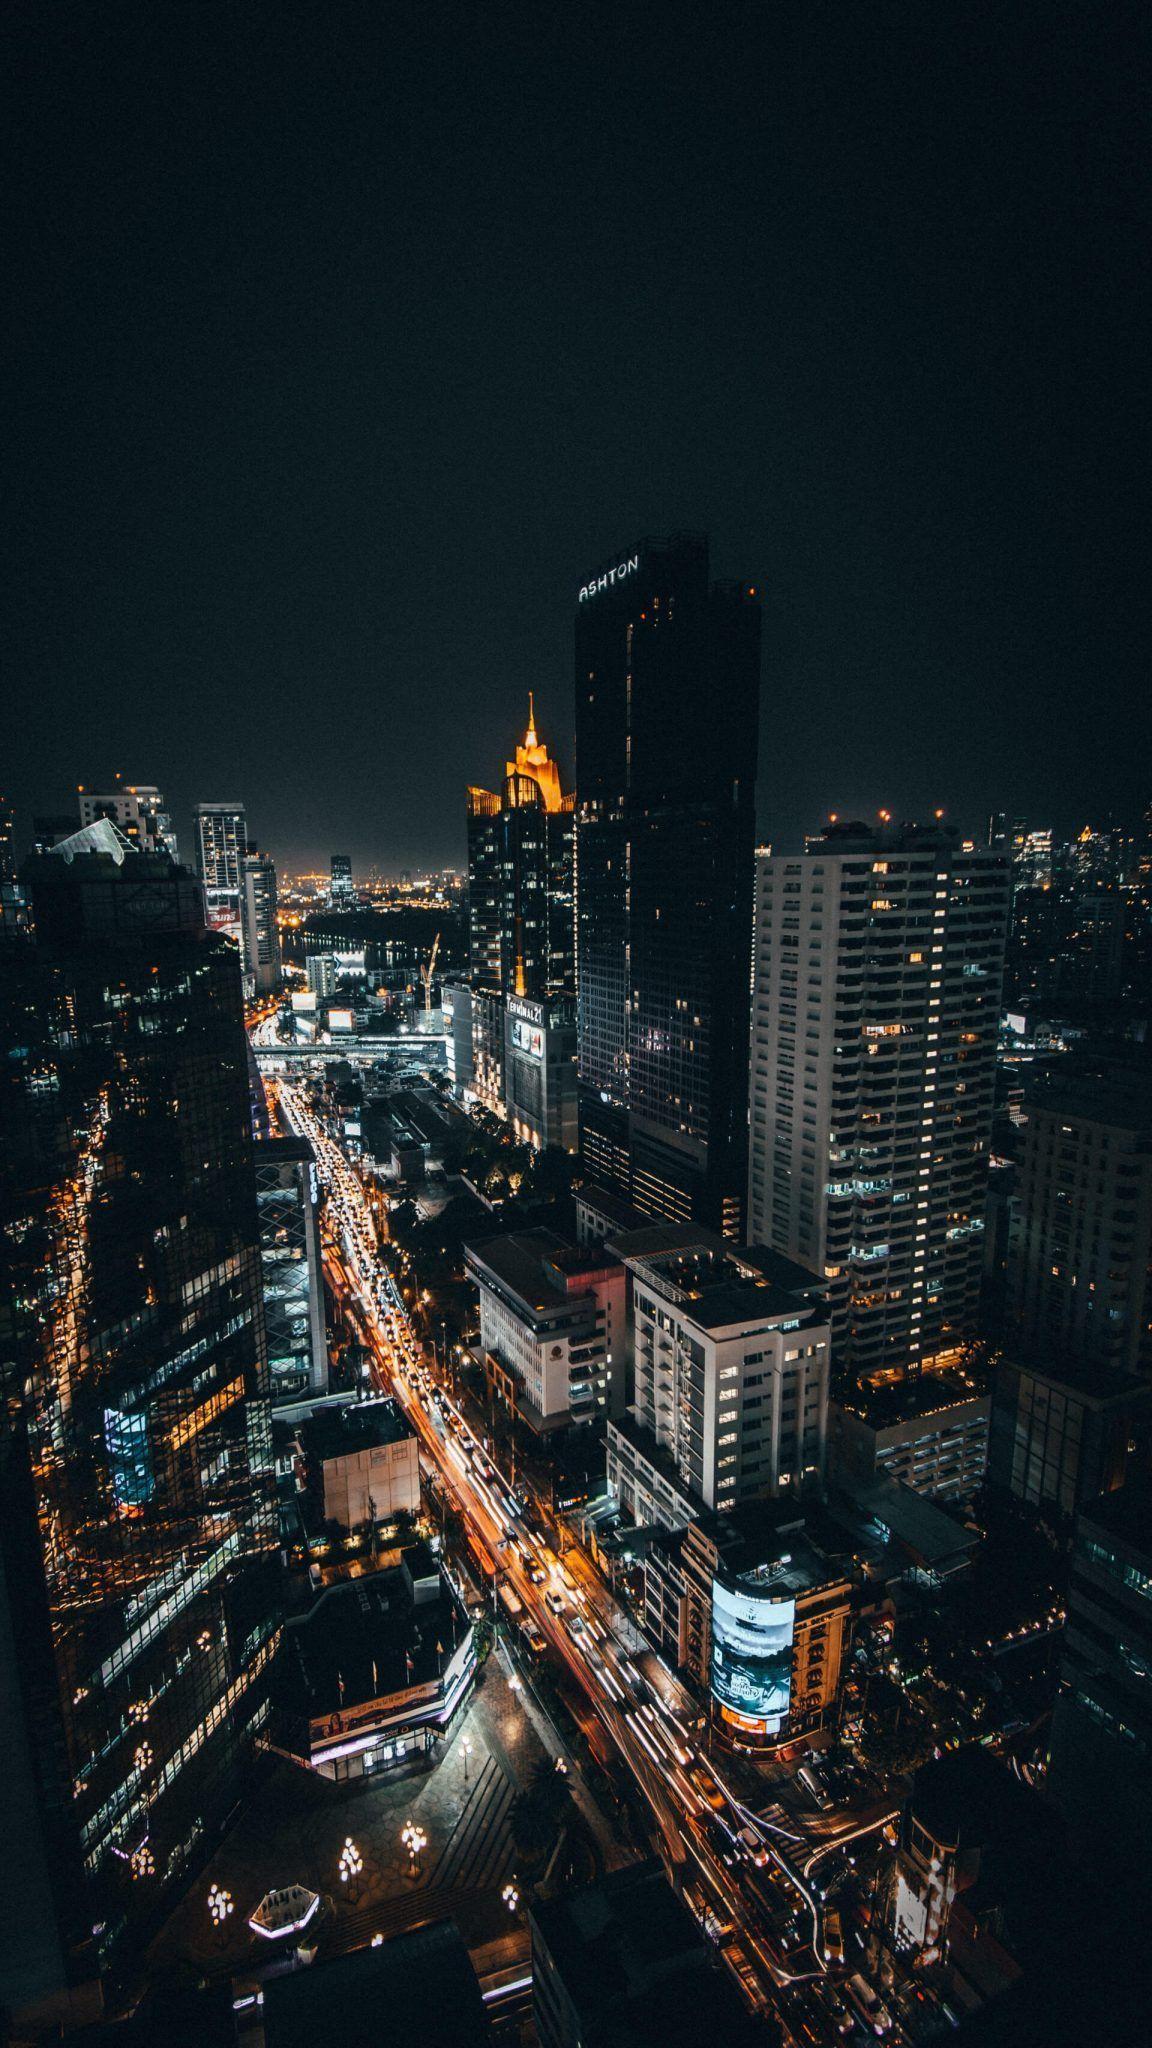 4k Iphone X Wallpaper Singapore City Full Hd Iphone Wallpaper 4k Hd Fondo De Pantalla Movil 4k Hd Pantalla